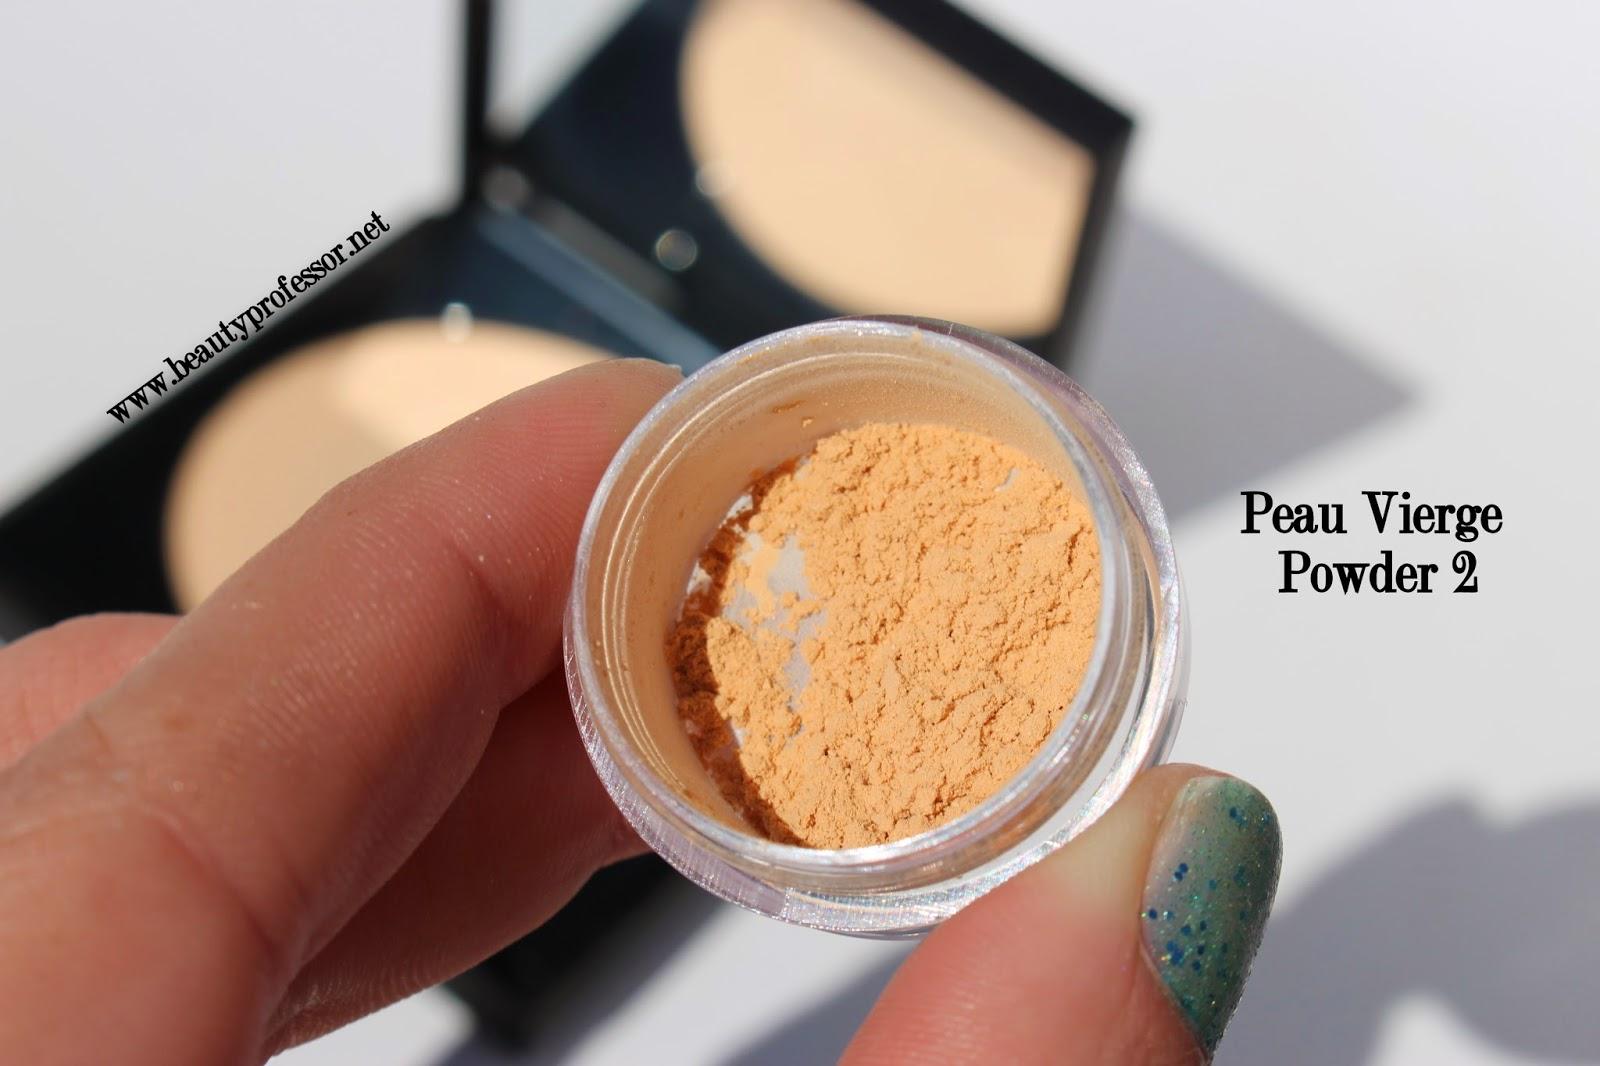 le metier de beaute peau vierge powder